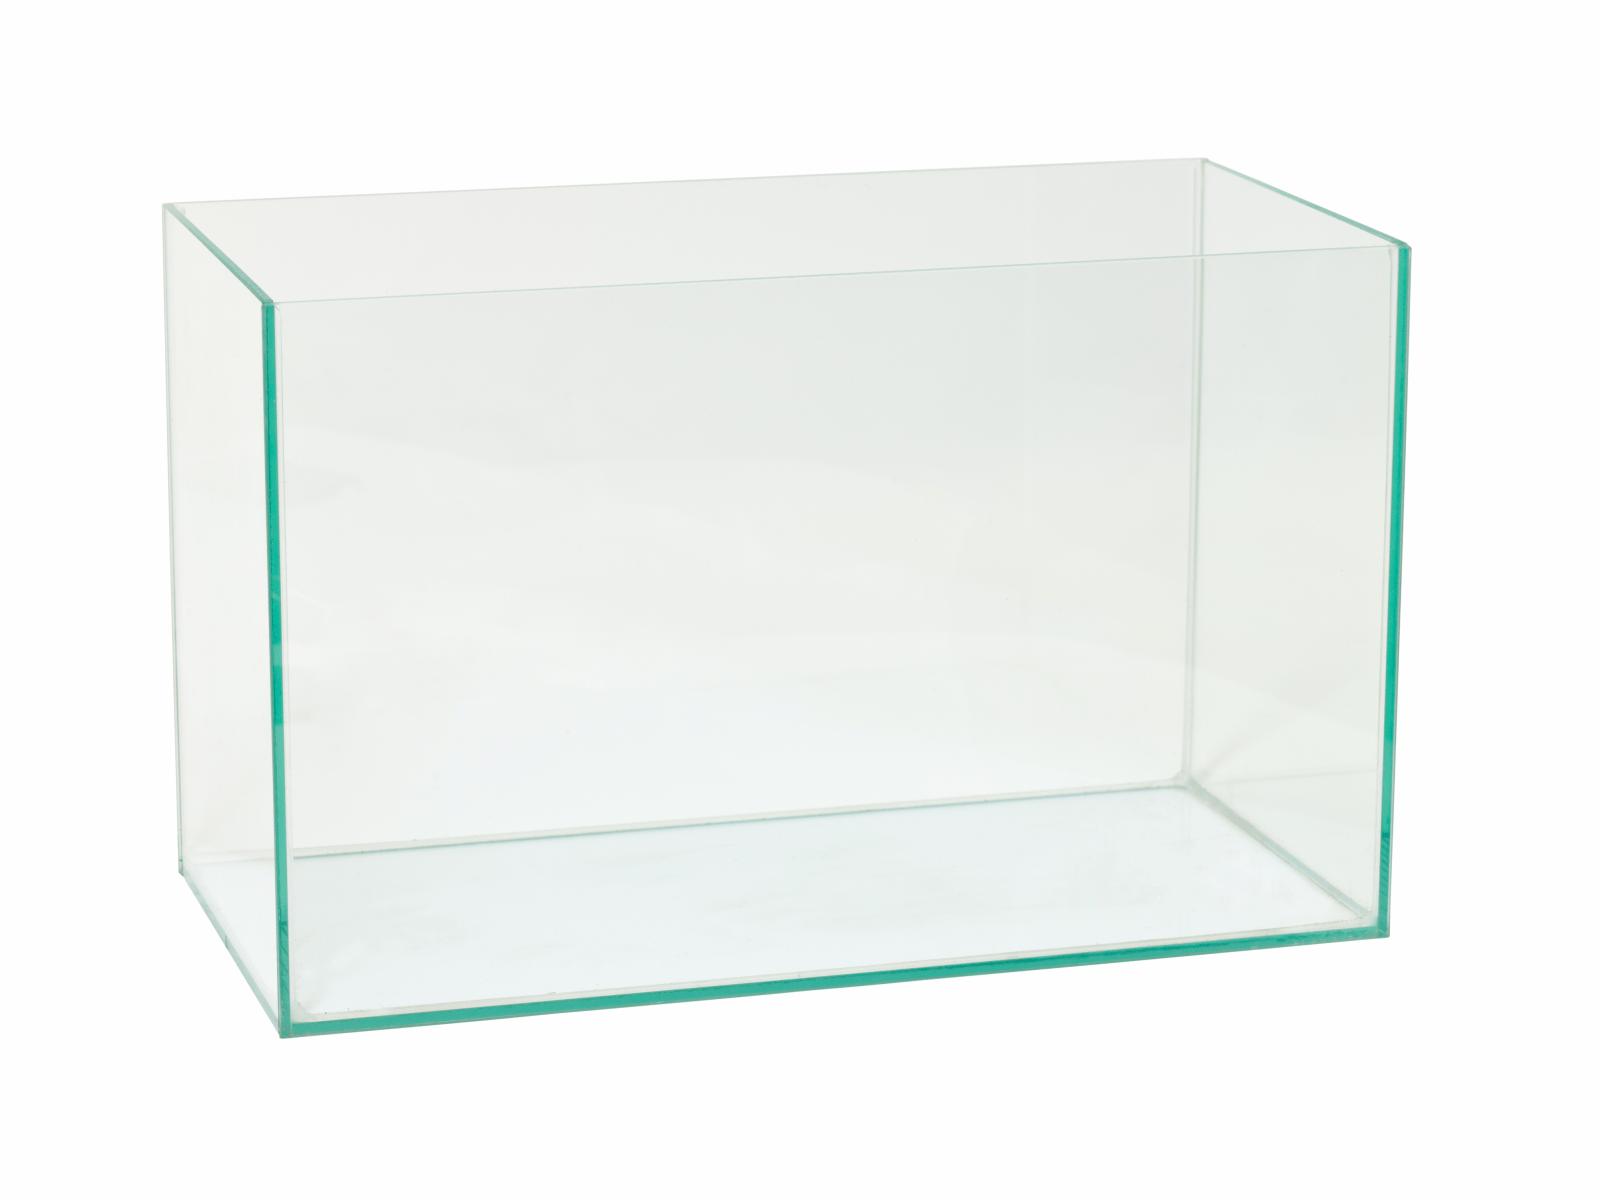 Aquarium Selber Bauen Eine Anleitung  Kunststoffplattenonline von Plexiglas Vitrine Selber Bauen Photo